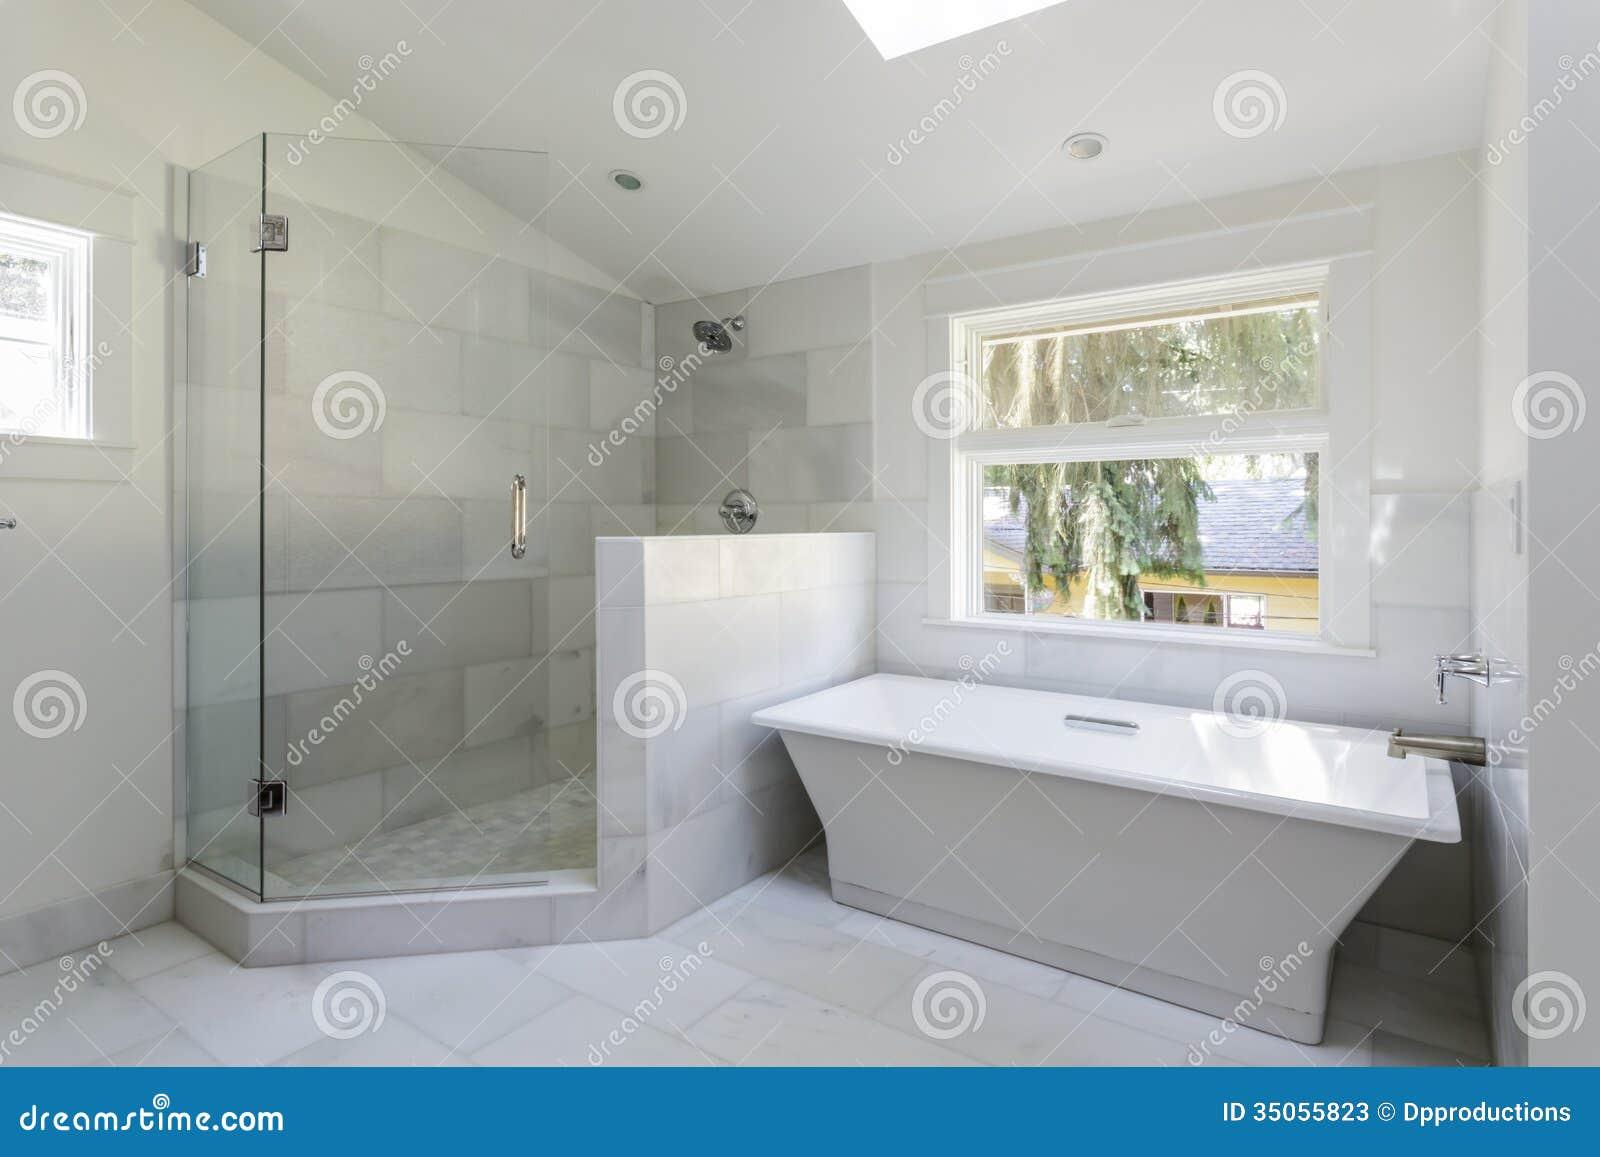 Salle de bains moderne avec la douche et la baignoire - Salle de bains cedeo ...